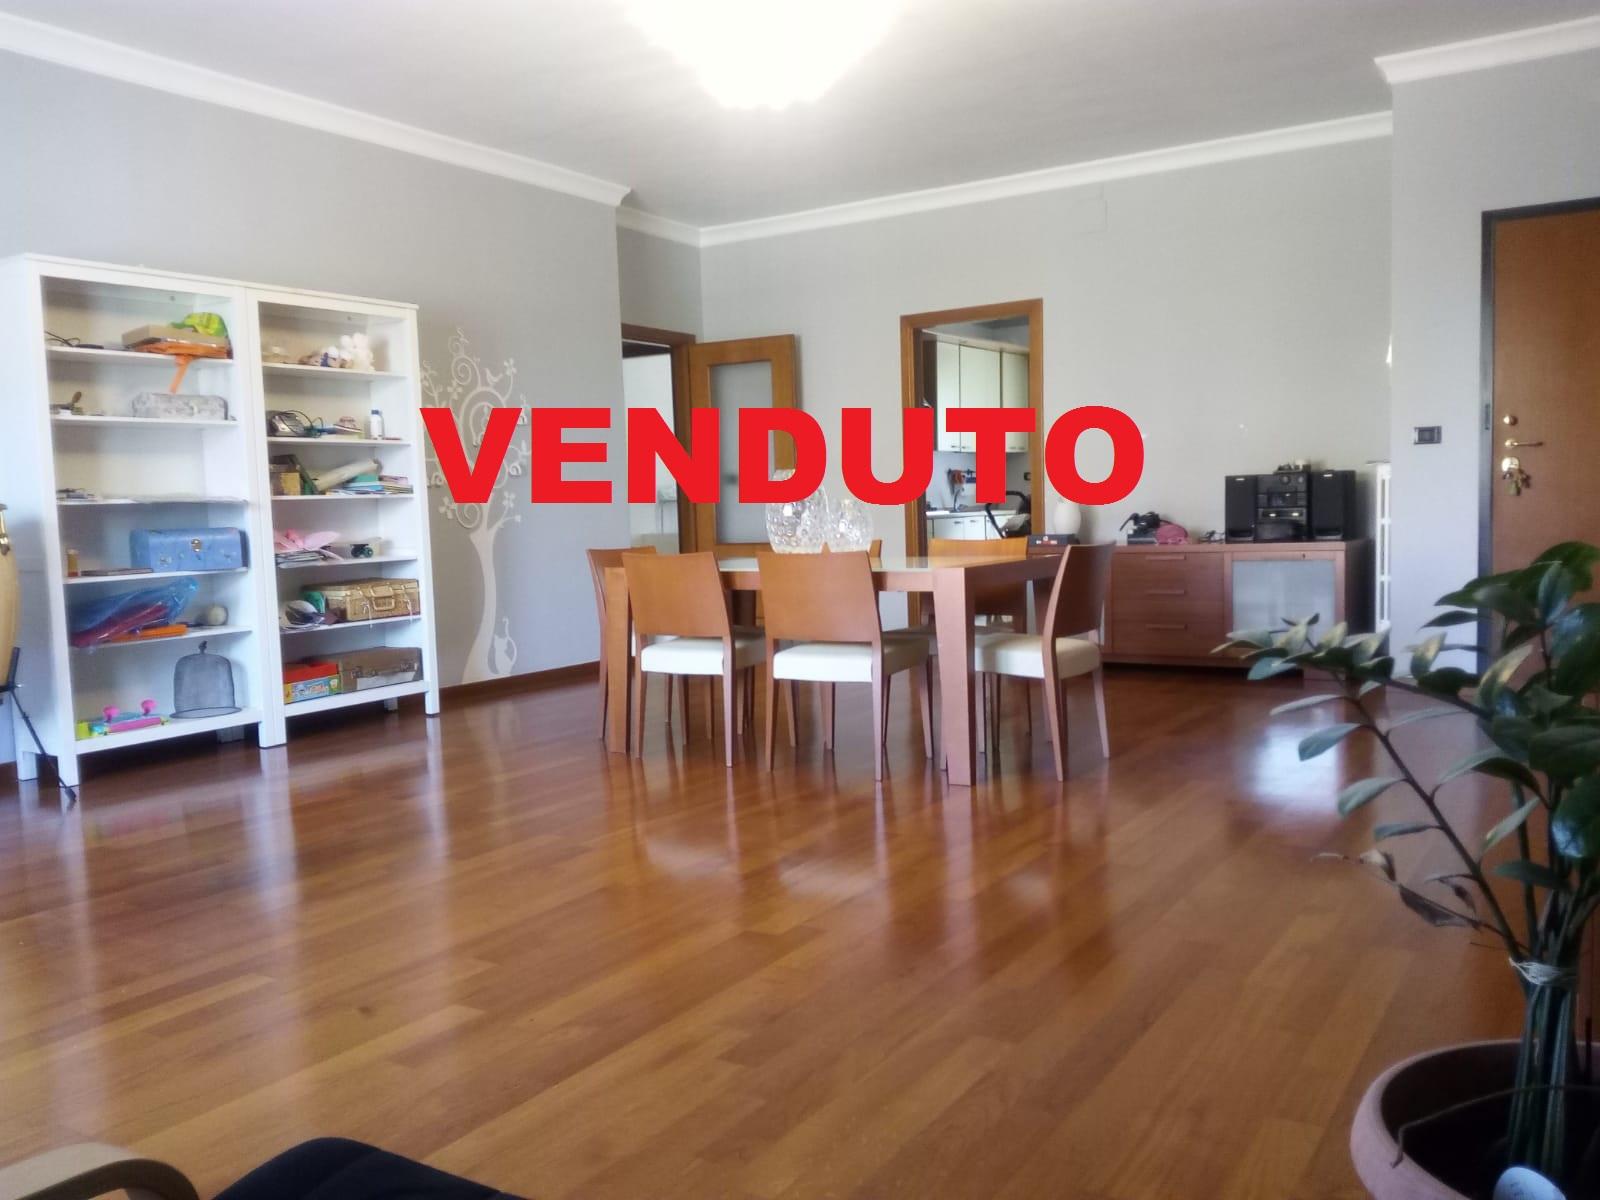 Appartamento in vendita a Foggia- Via Benedetto Croce bellissimo appartamento di 4 vani doppi servizi e box